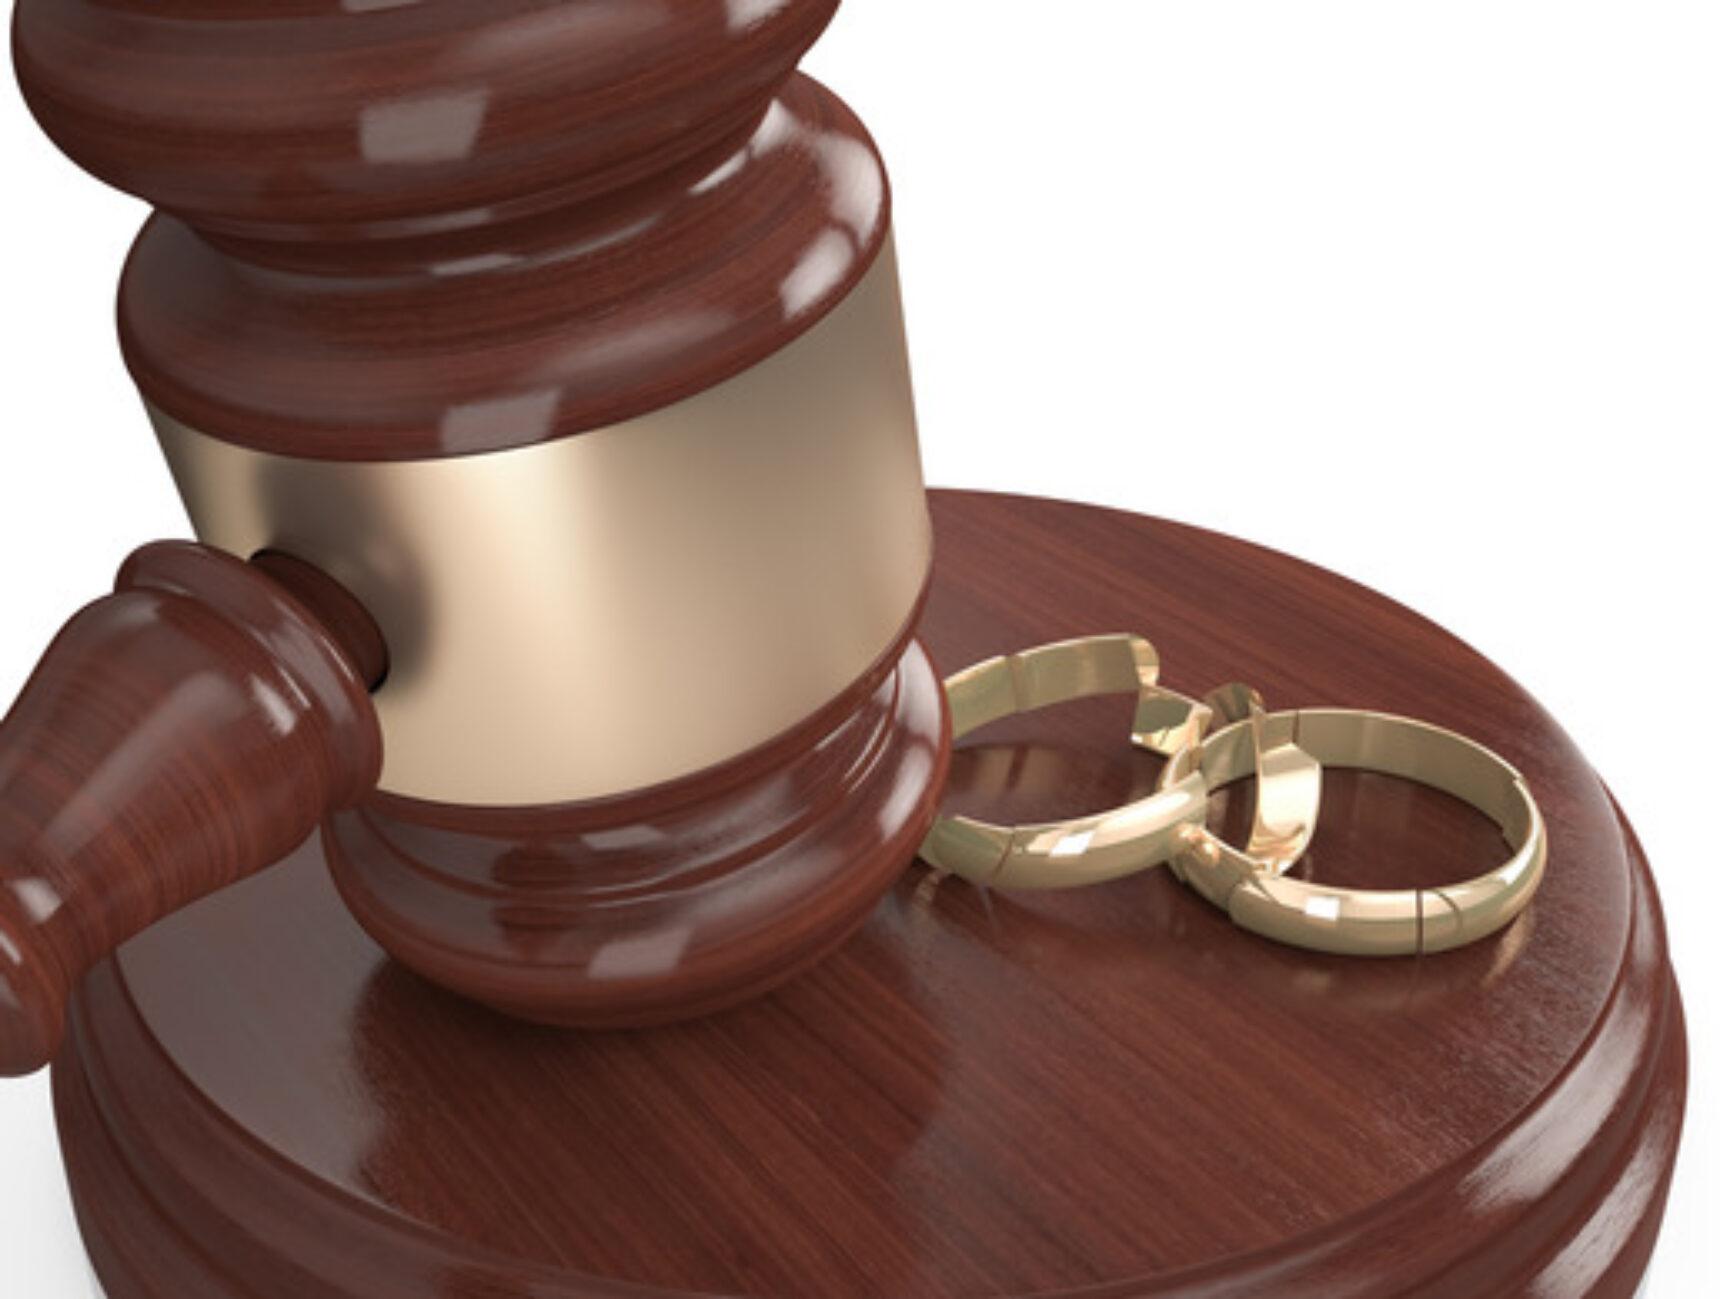 Separacja czy rozwód? – jaka jest różnica?